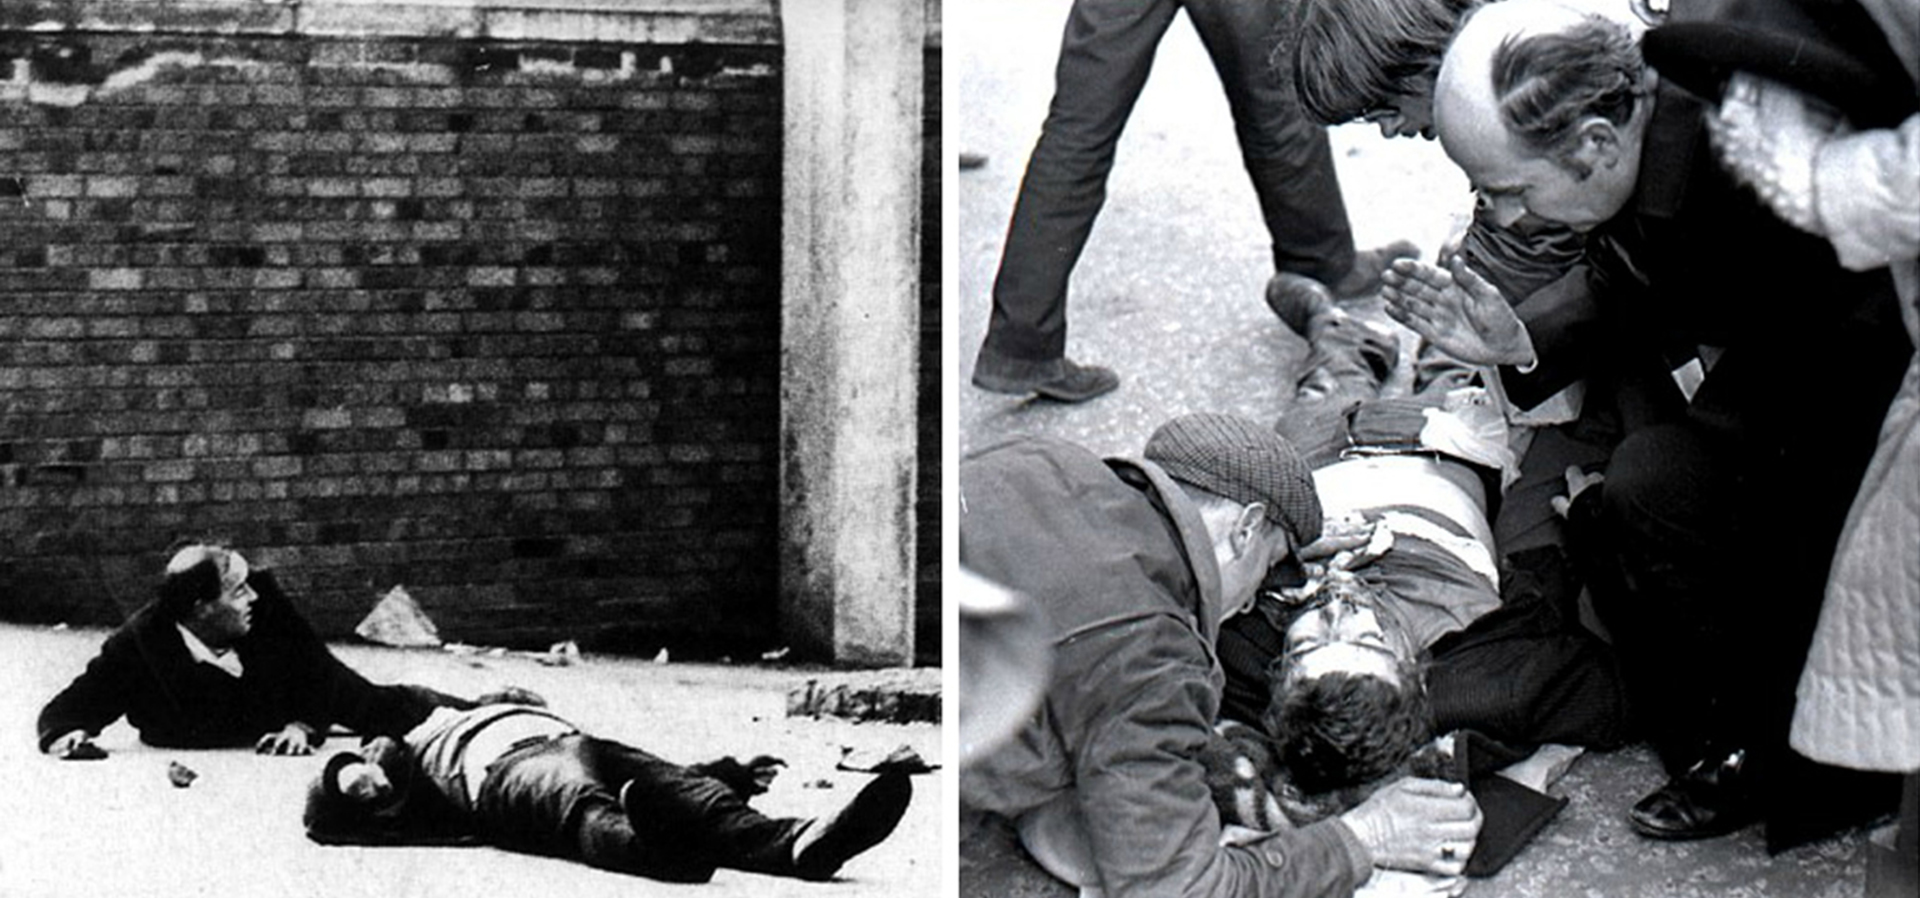 En total murieron 13 activistas católicos, y uno más murió meses después por sus heridas